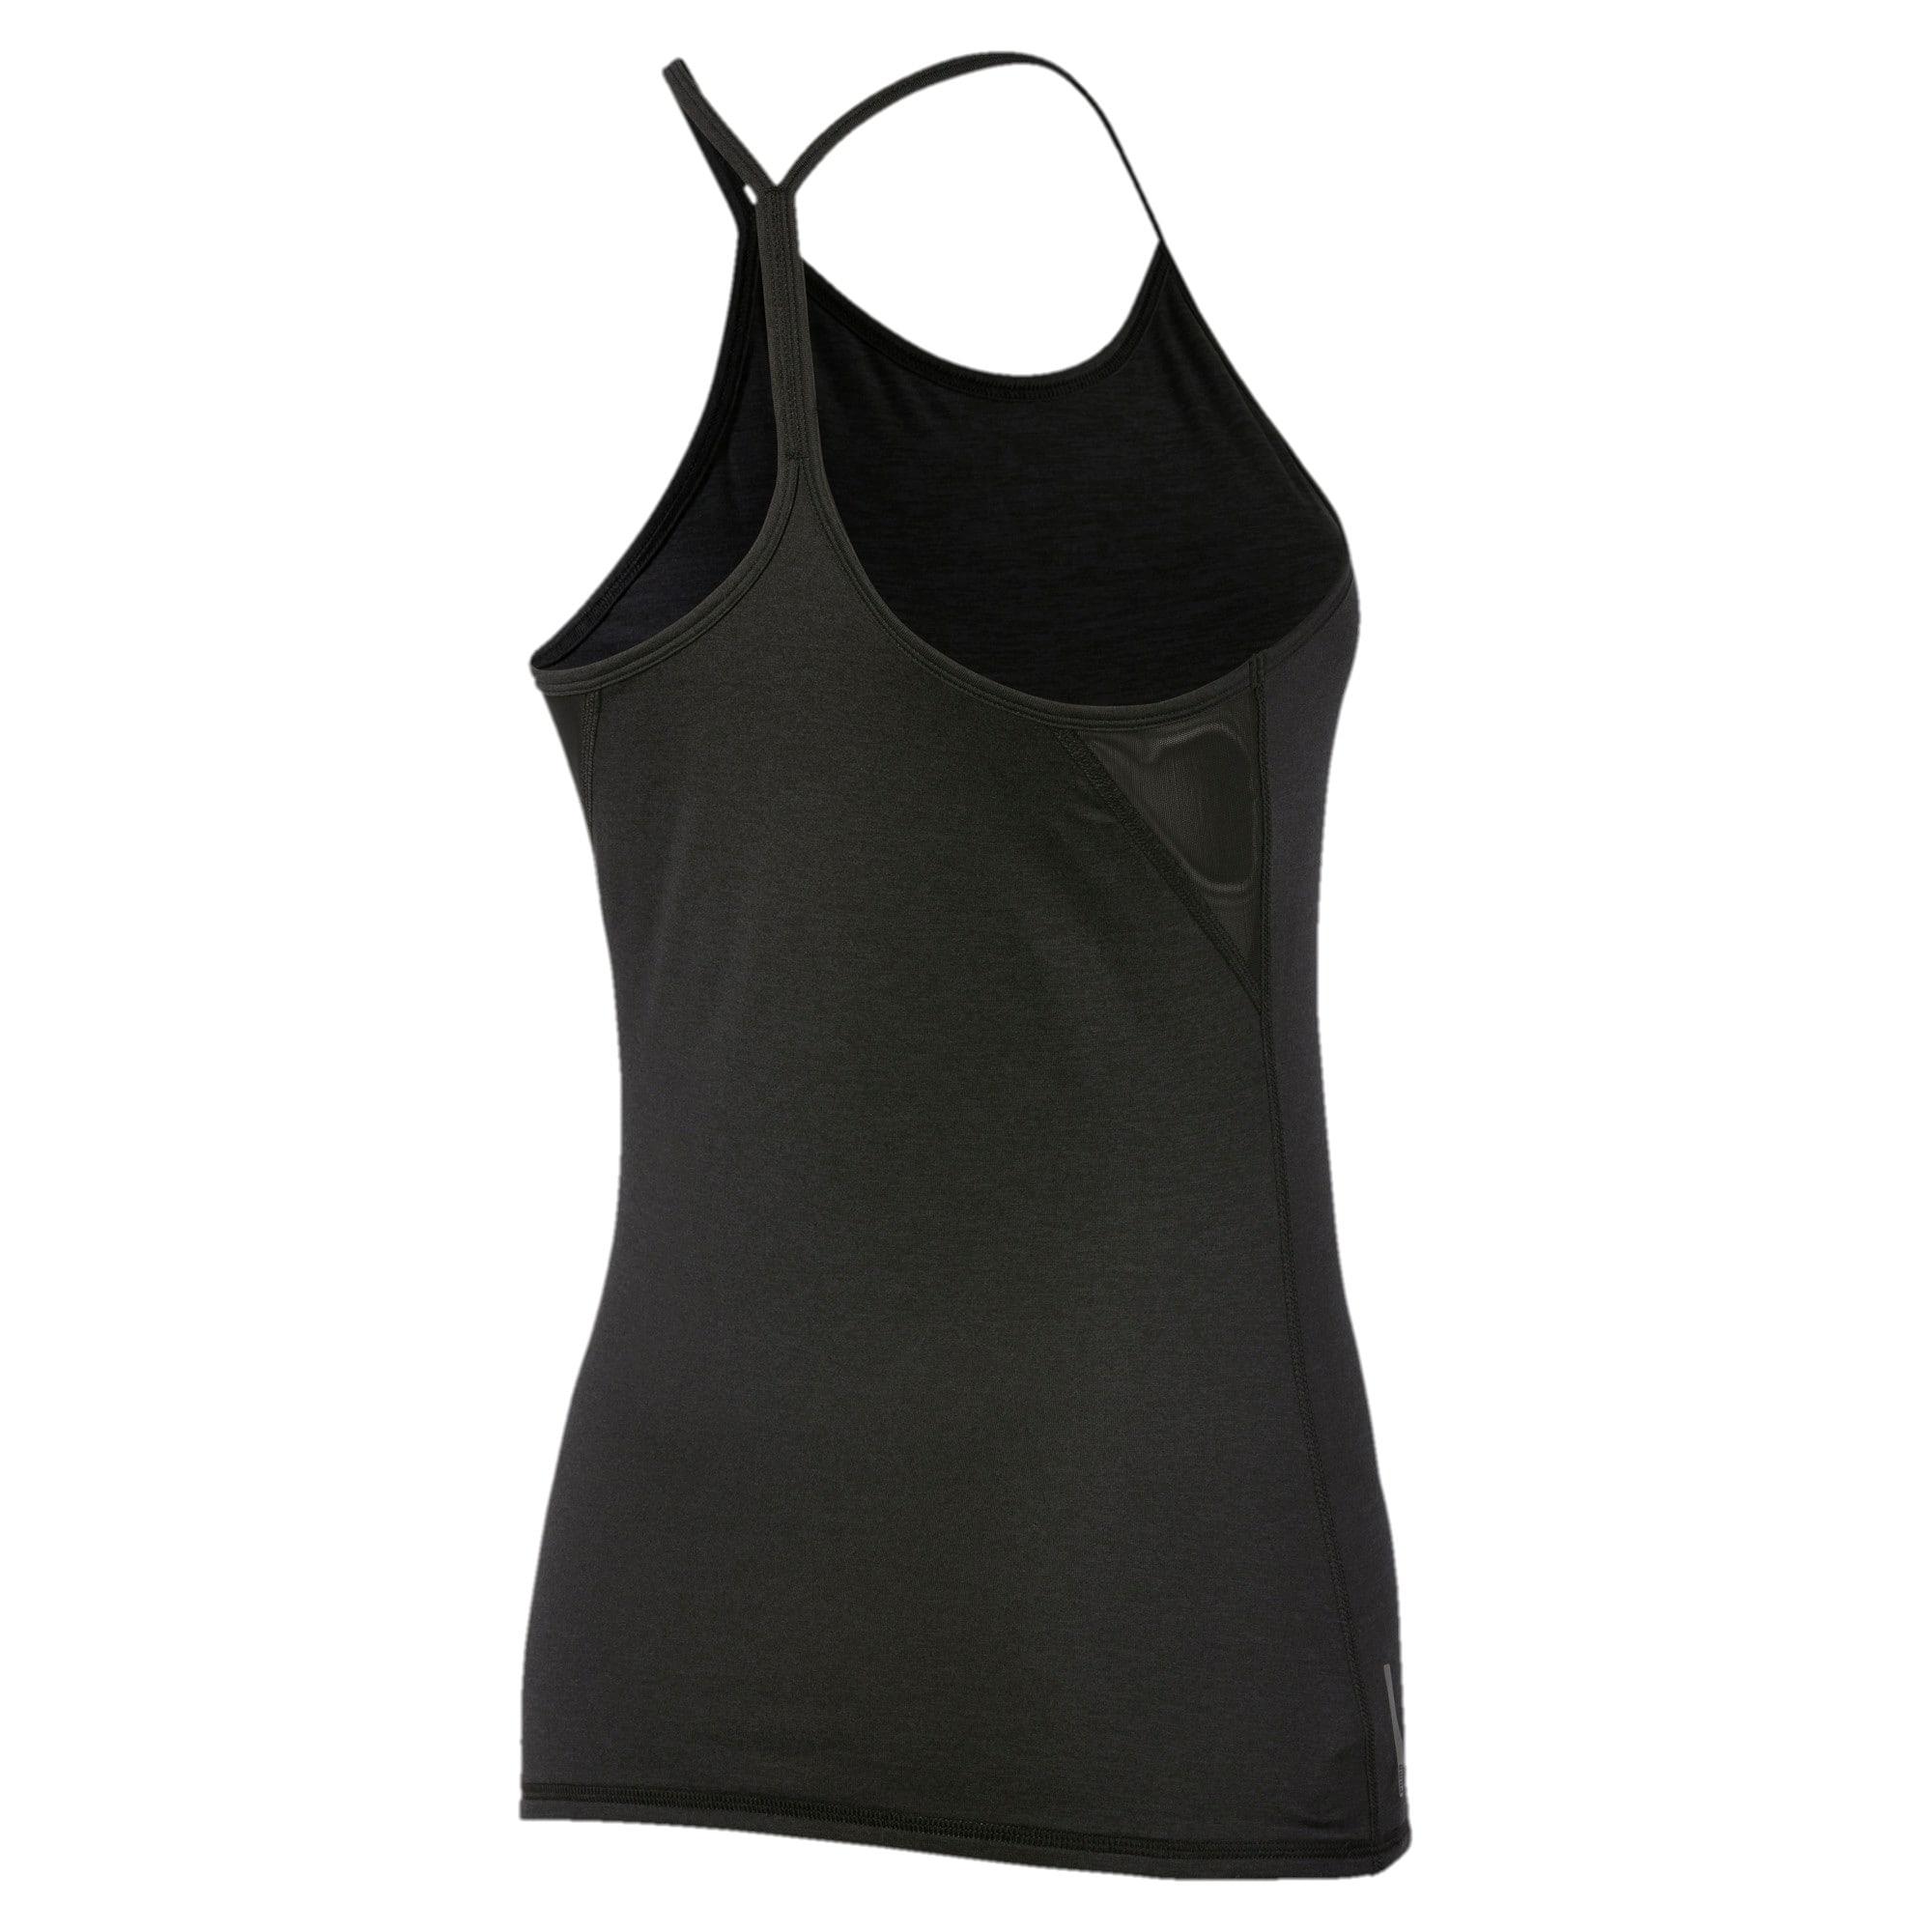 Miniatura 5 de Camiseta sin mangas Studio con espalda deportiva para mujer, Puma Black Heather, mediano